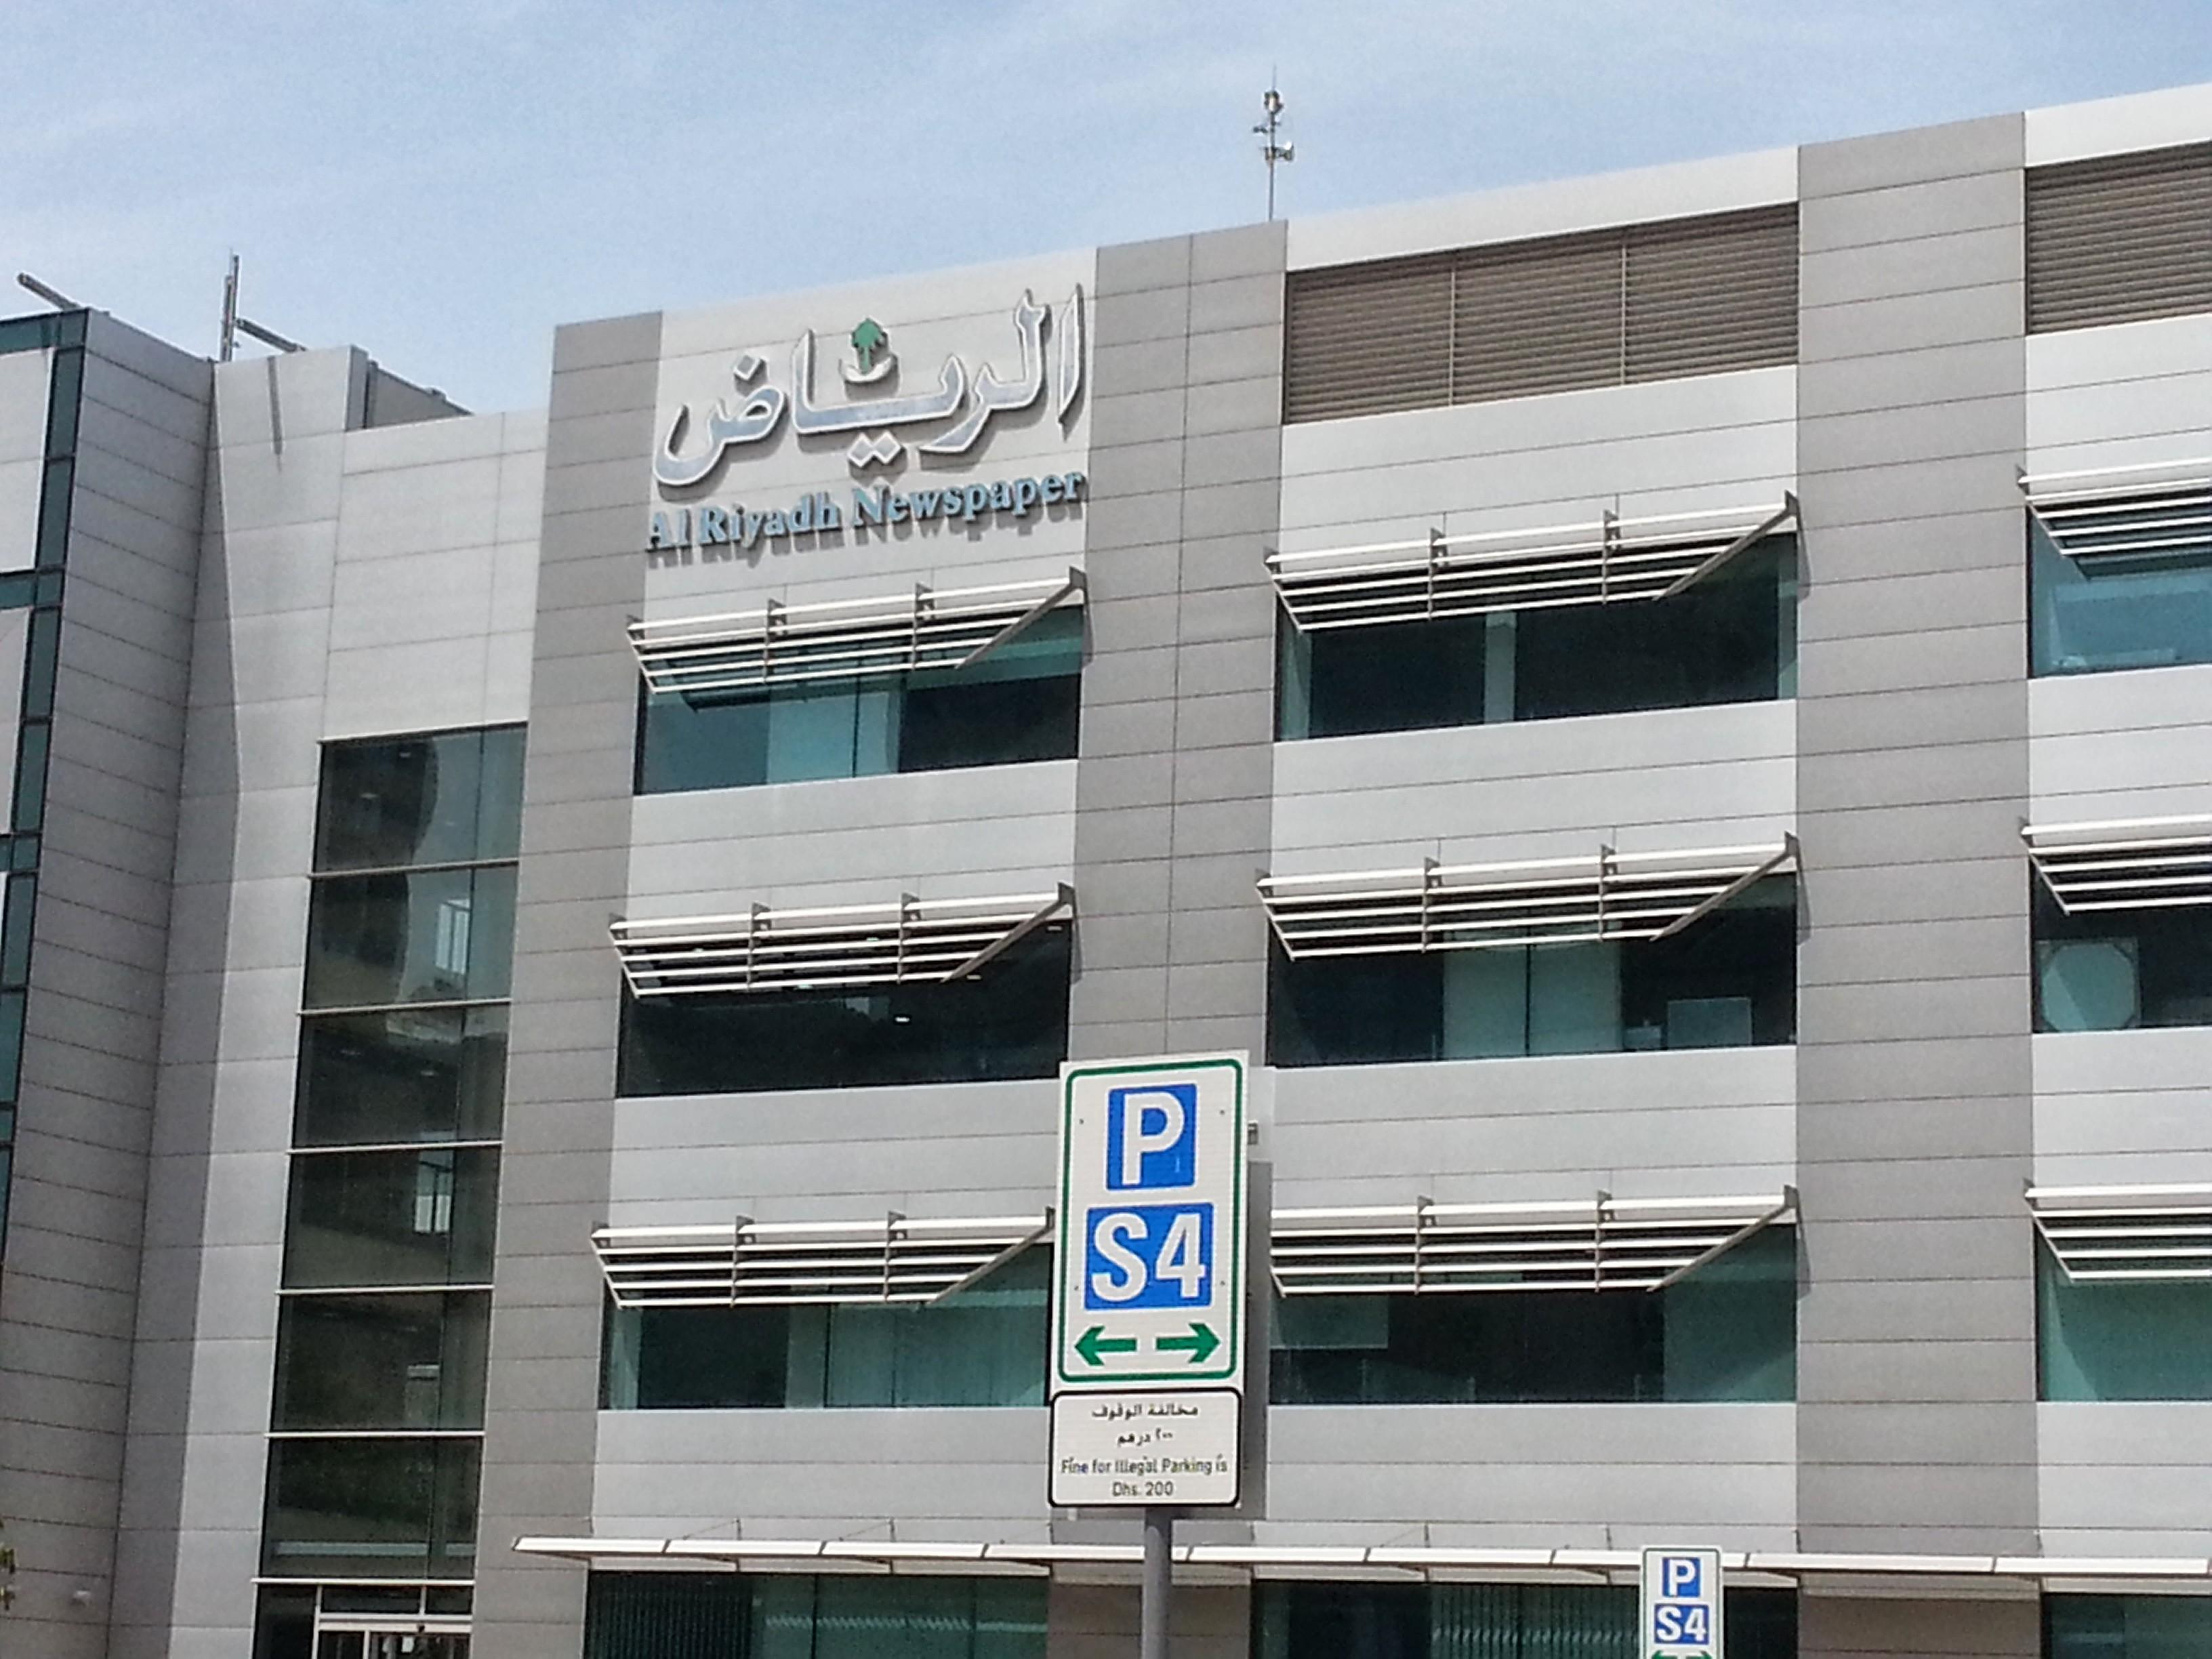 Riyadh newspaper english